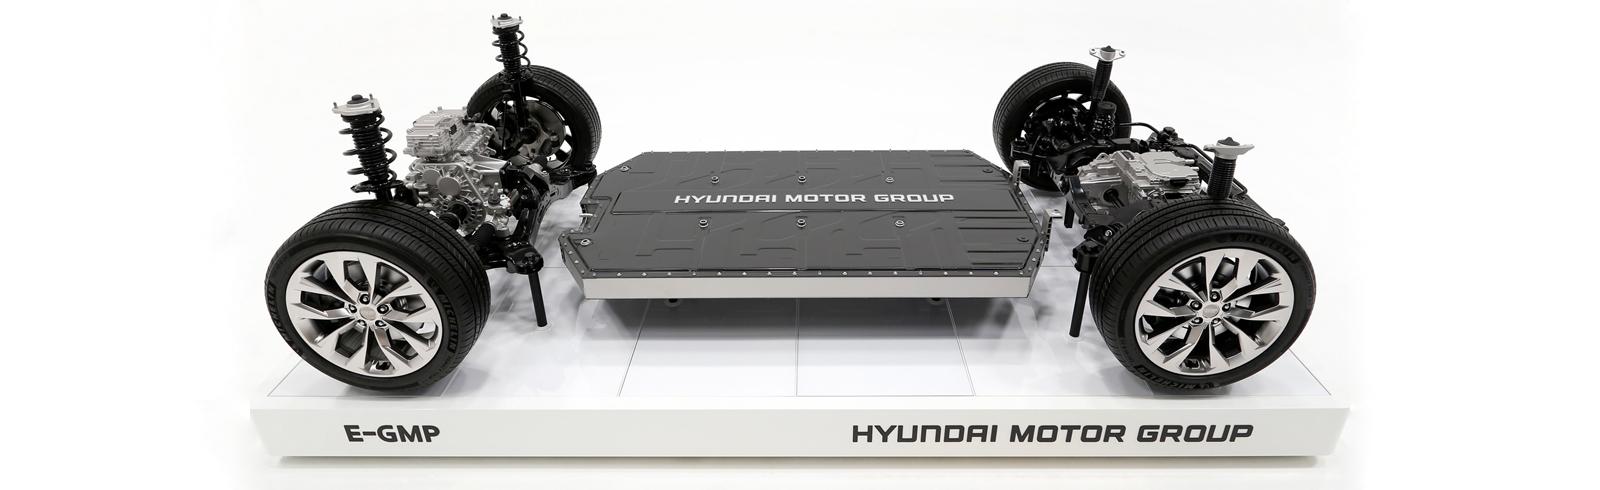 Hyundai introduces a new EV platform - the E-GMP, to offer a maximum range of 500 km